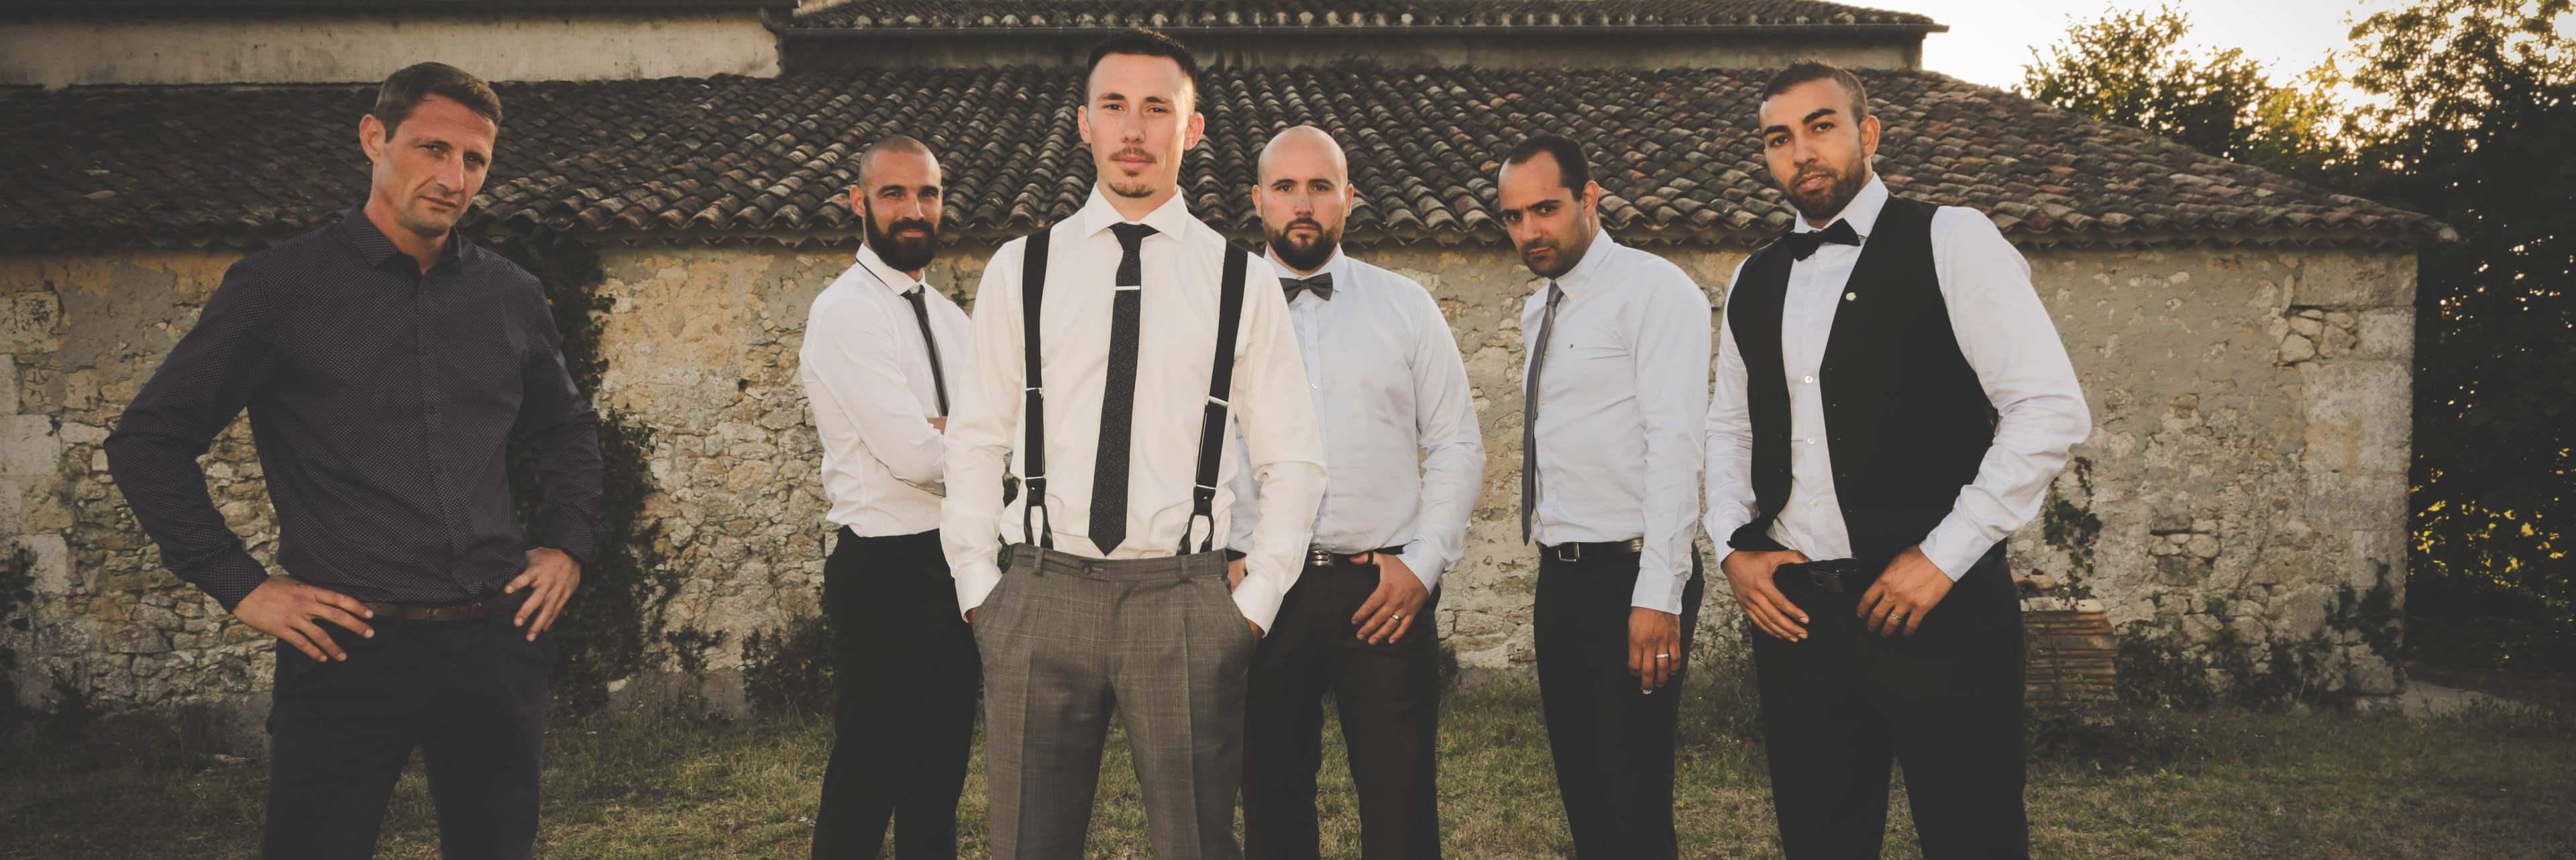 Photo avec les proches du couple Photo de présentation pour les mariés